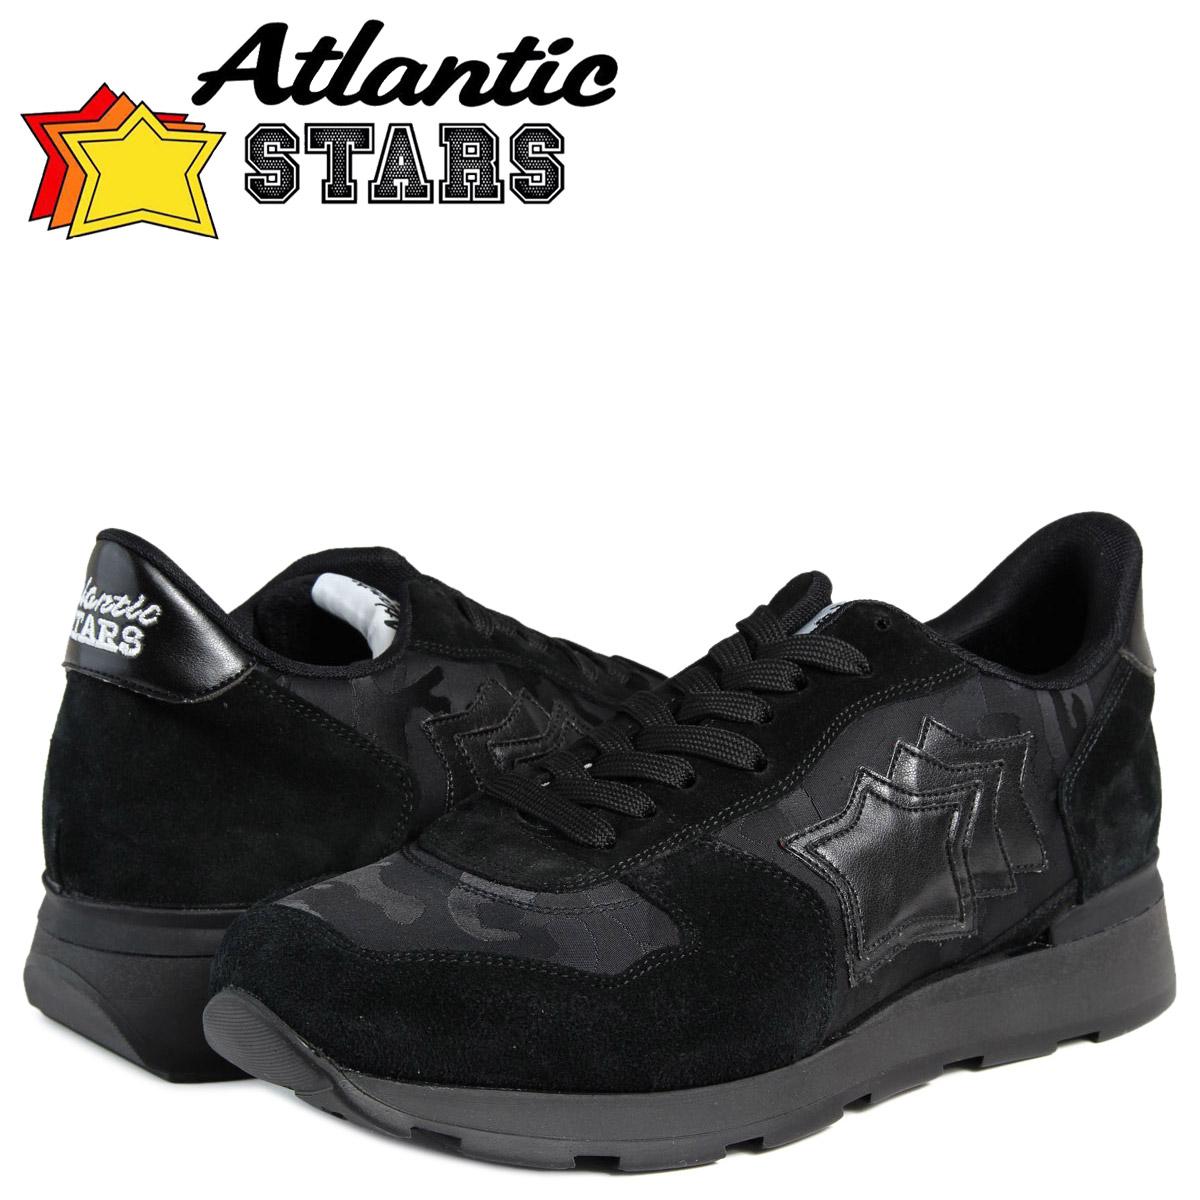 【送料無料】 【あす楽対応】 【25cm-29cm】 アトランティックスターズ Atlantic STARS スニーカー ANTARES アトランティックスターズ Atlantic STARS アンタレス スニーカー メンズ ANTARES NDN-72N ブラック